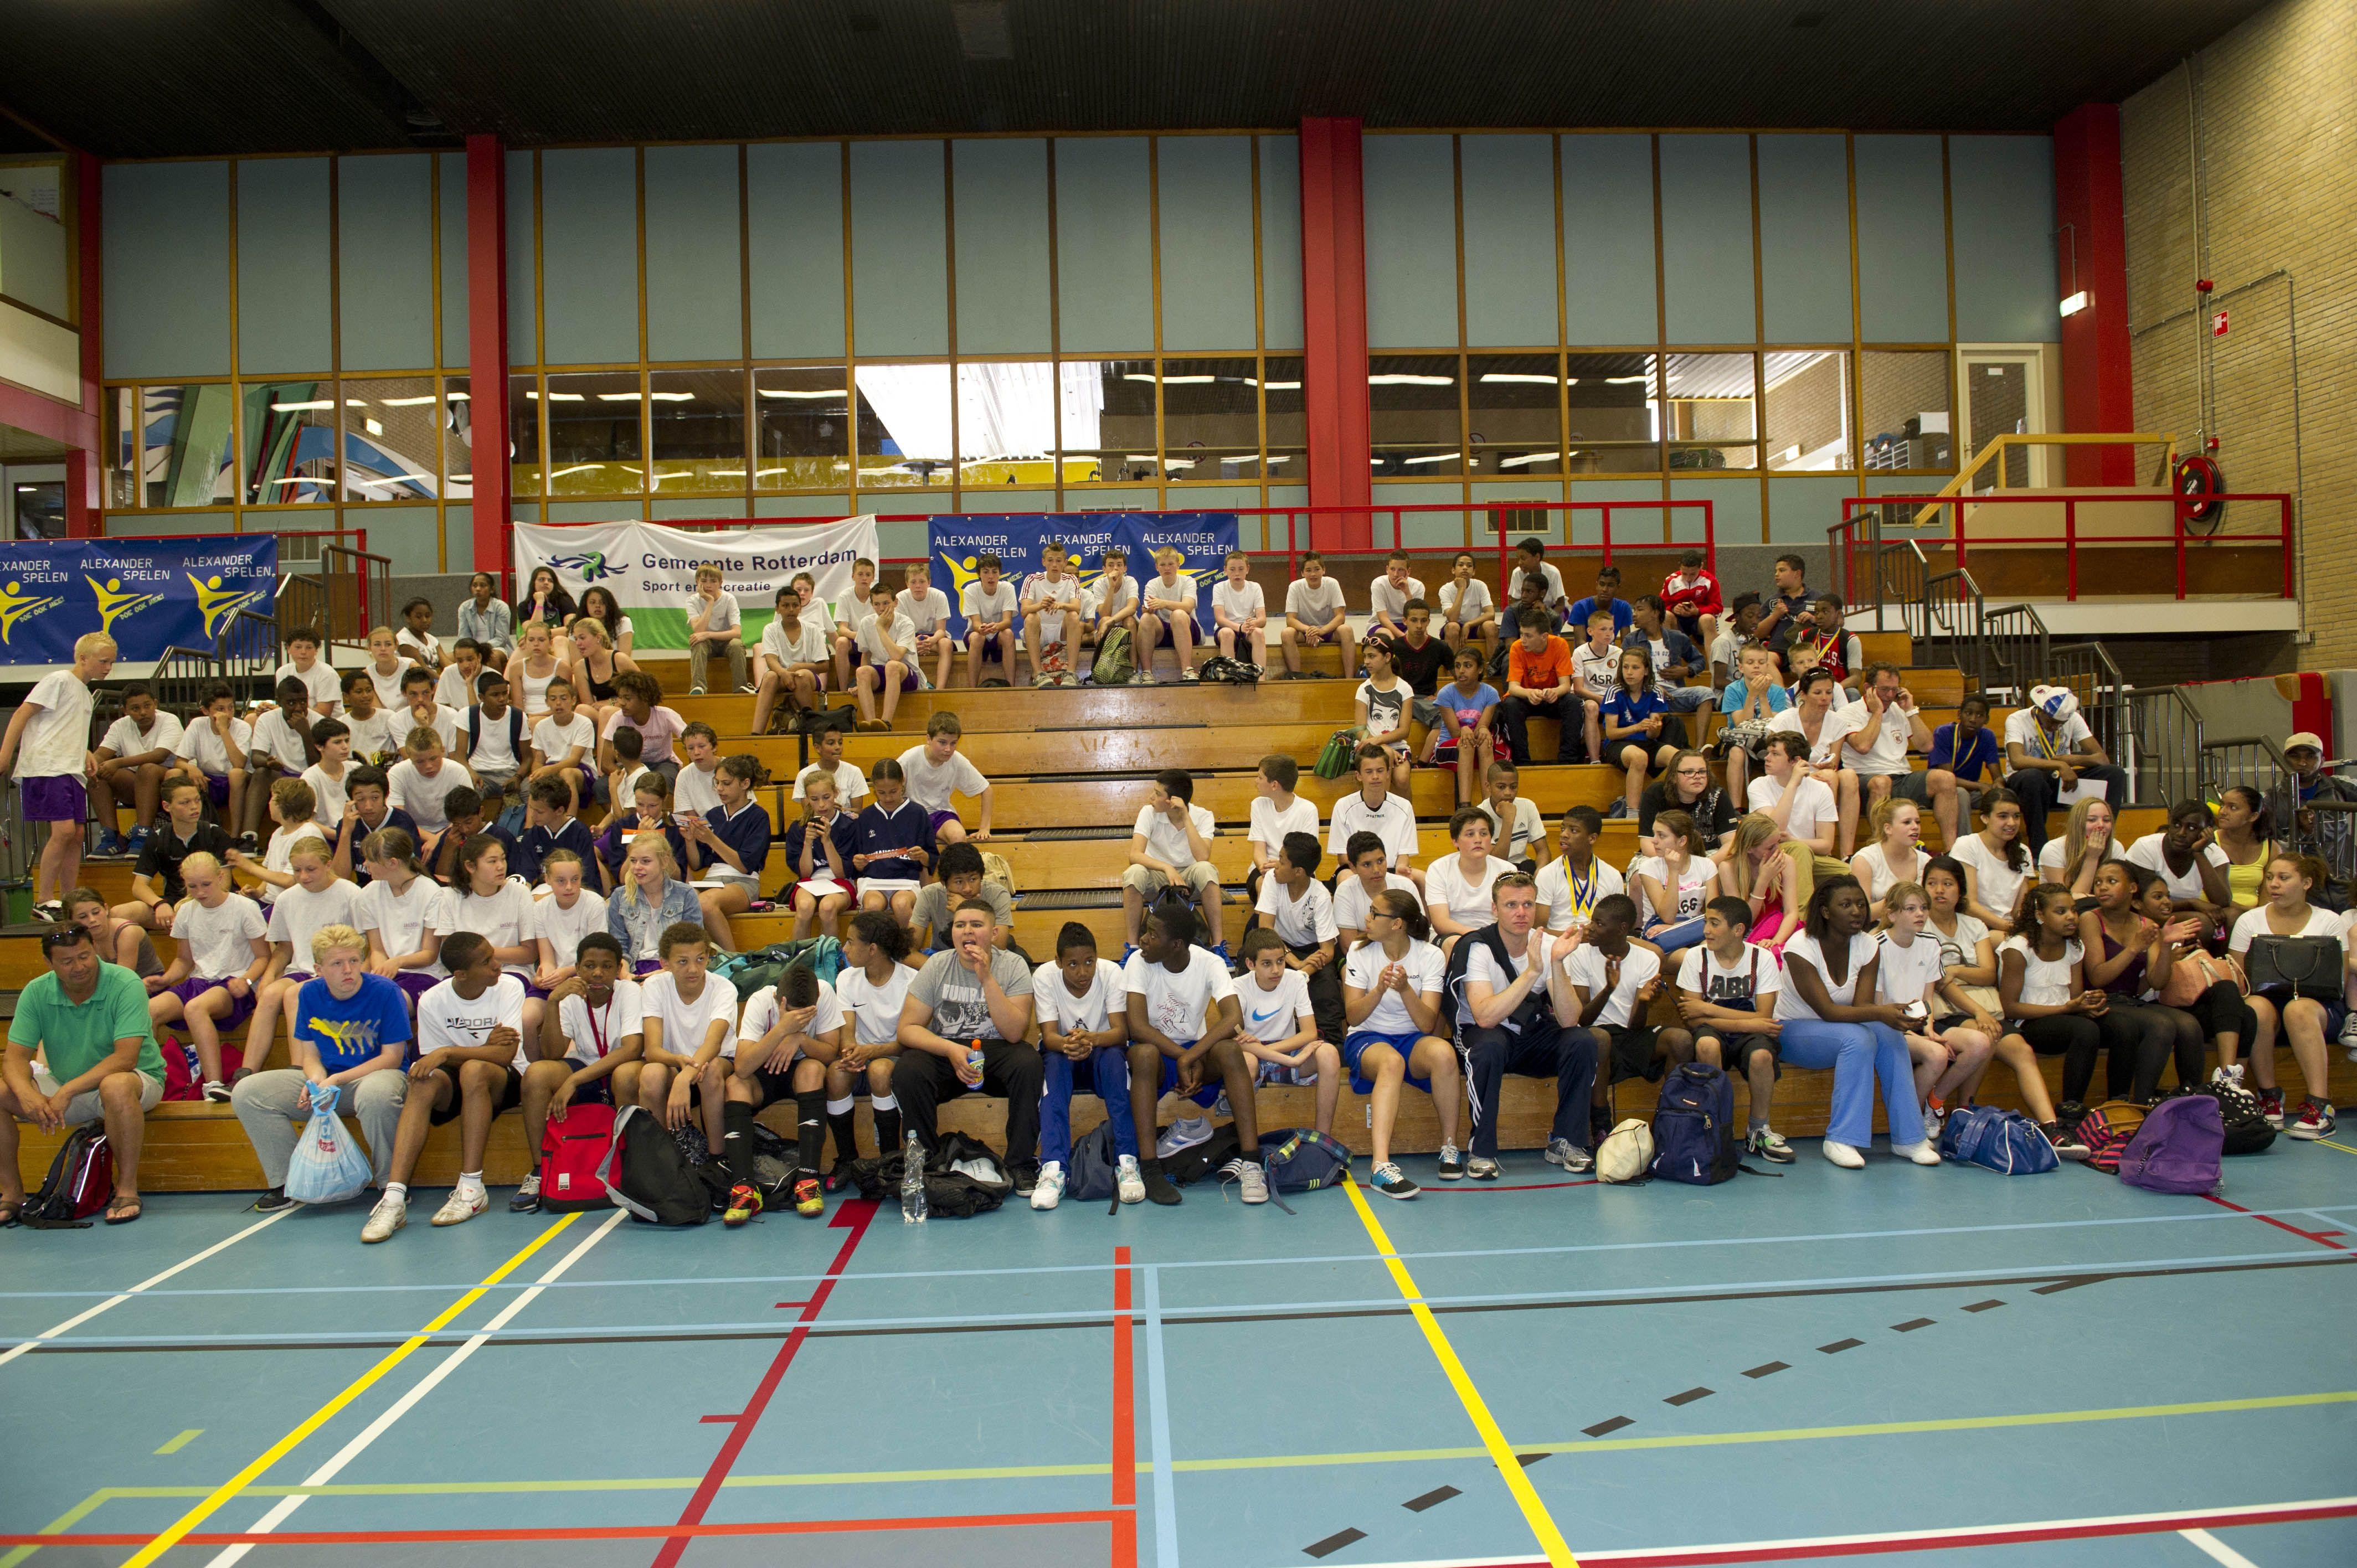 Alexanderspelen 2012, Rotterdam,The Netherlands